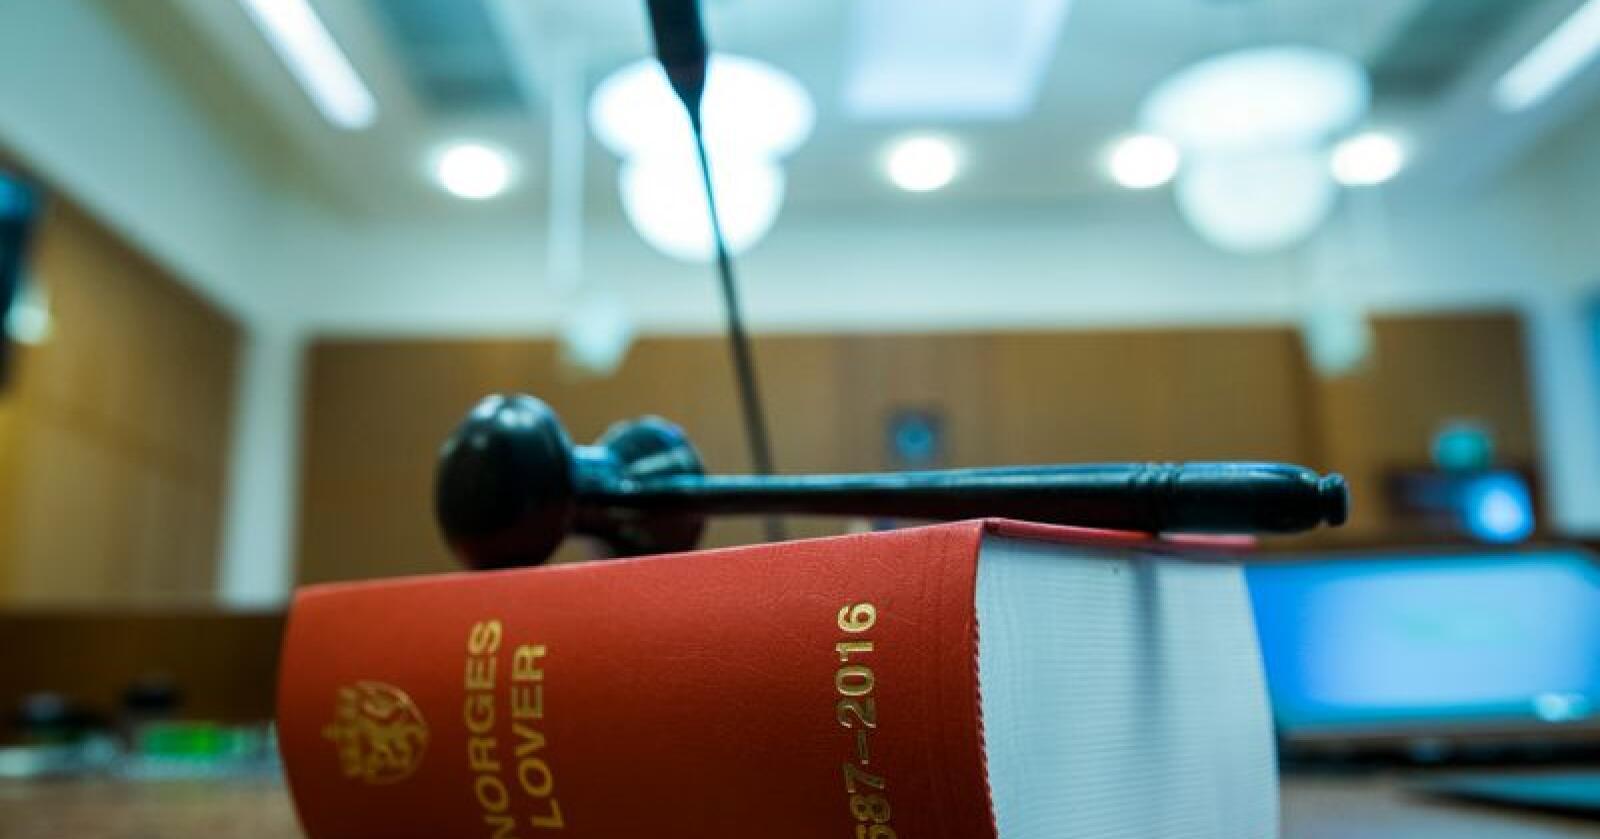 Landets domstoler står overfor store endringer når Domstolkommisjonen legger fram sin rapport i høst. Foto: Berit Roald / NTB scanpix